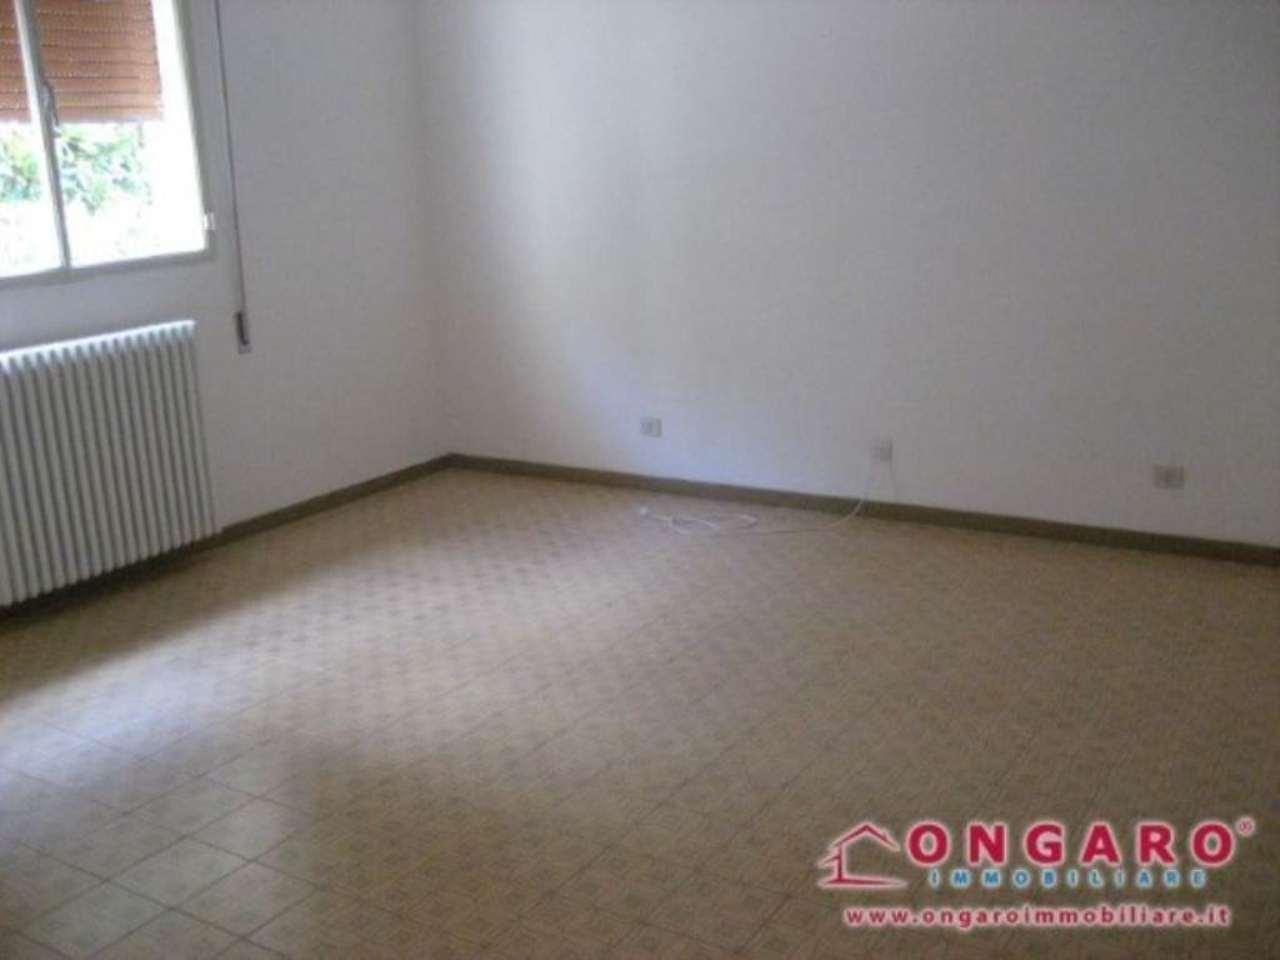 Appartamento in vendita a Copparo, 6 locali, prezzo € 105.000 | Cambio Casa.it